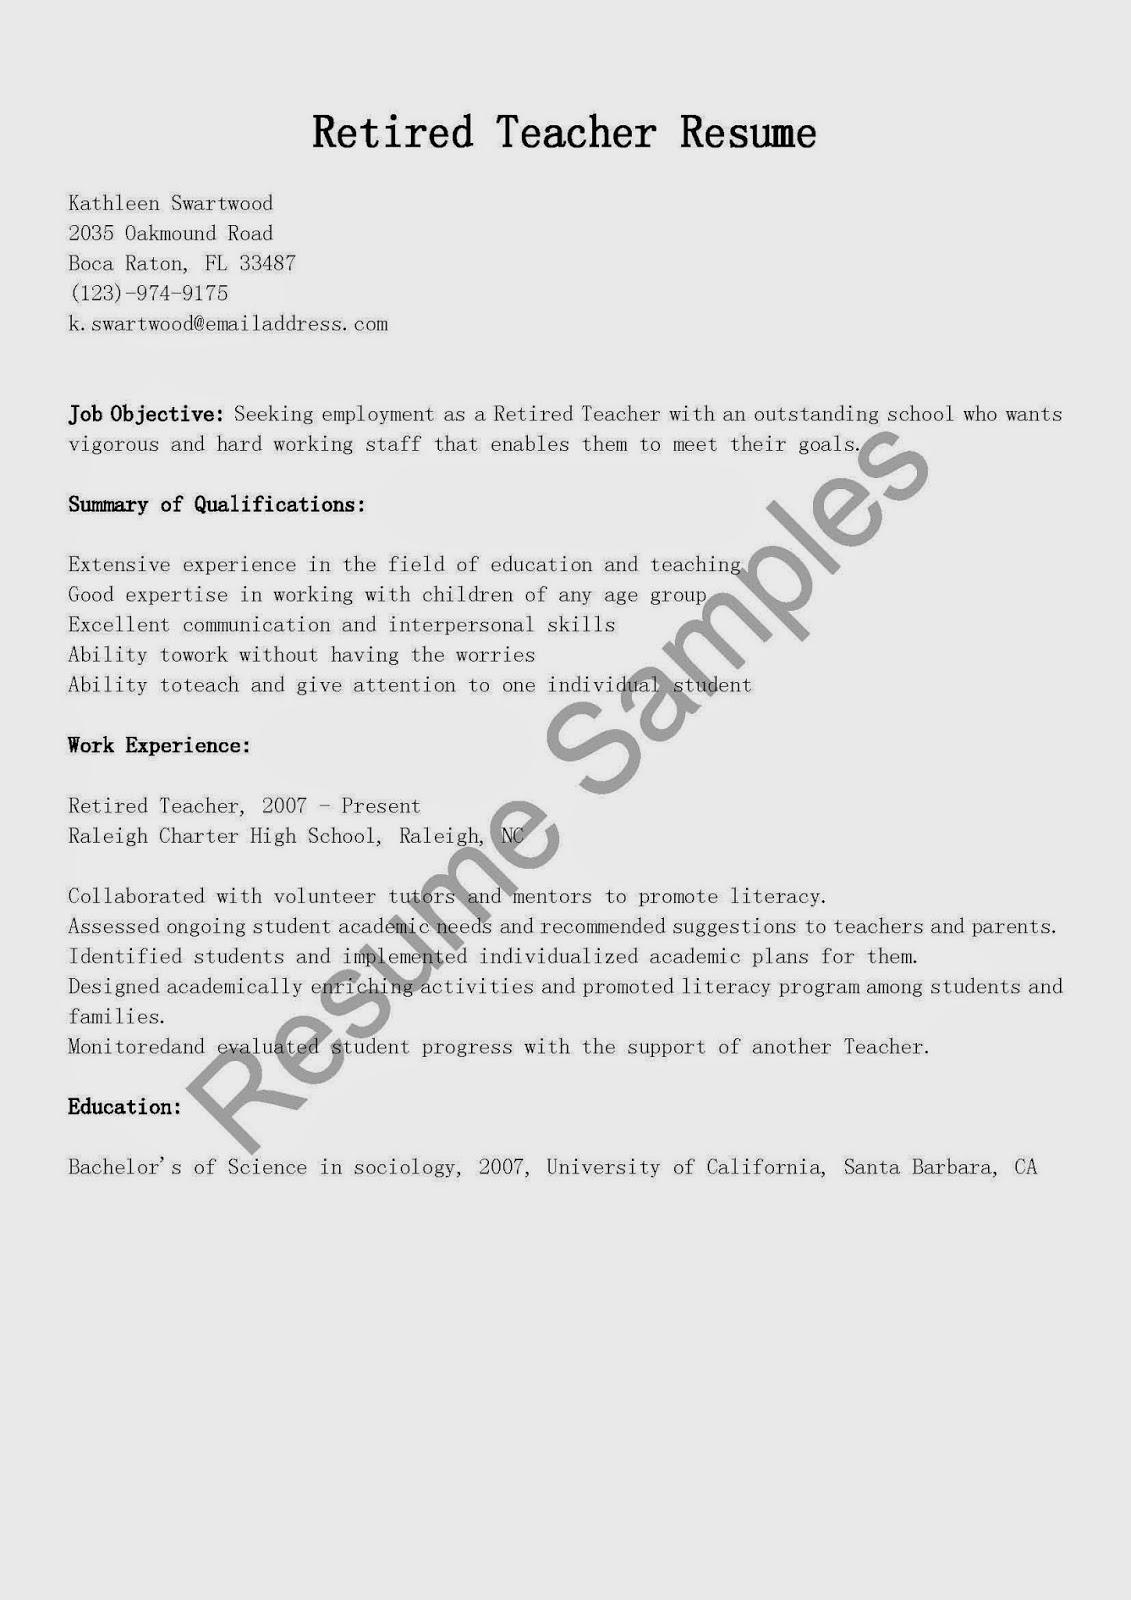 resume samples  retired teacher resume sample